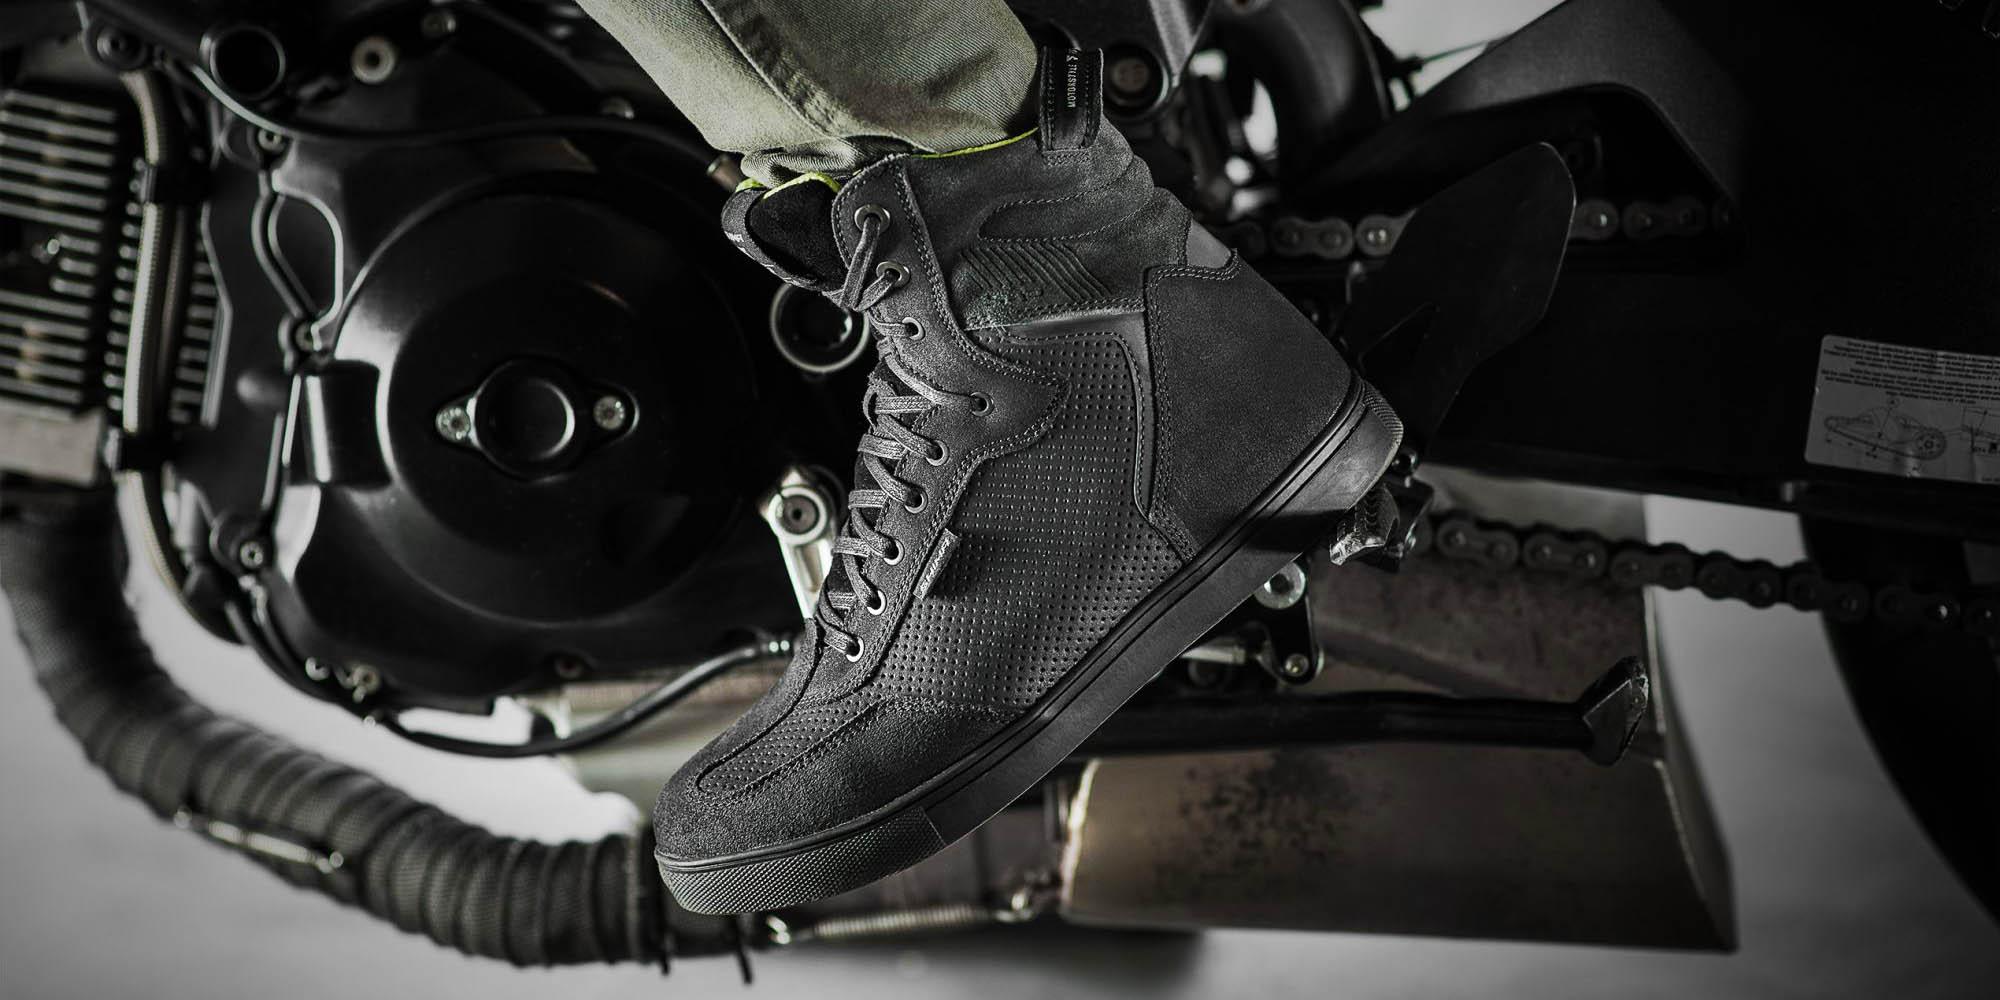 SHIMA REBEL WP черного цвета мотоциклетные кроссовки, вид на подножке купить по низкой цене